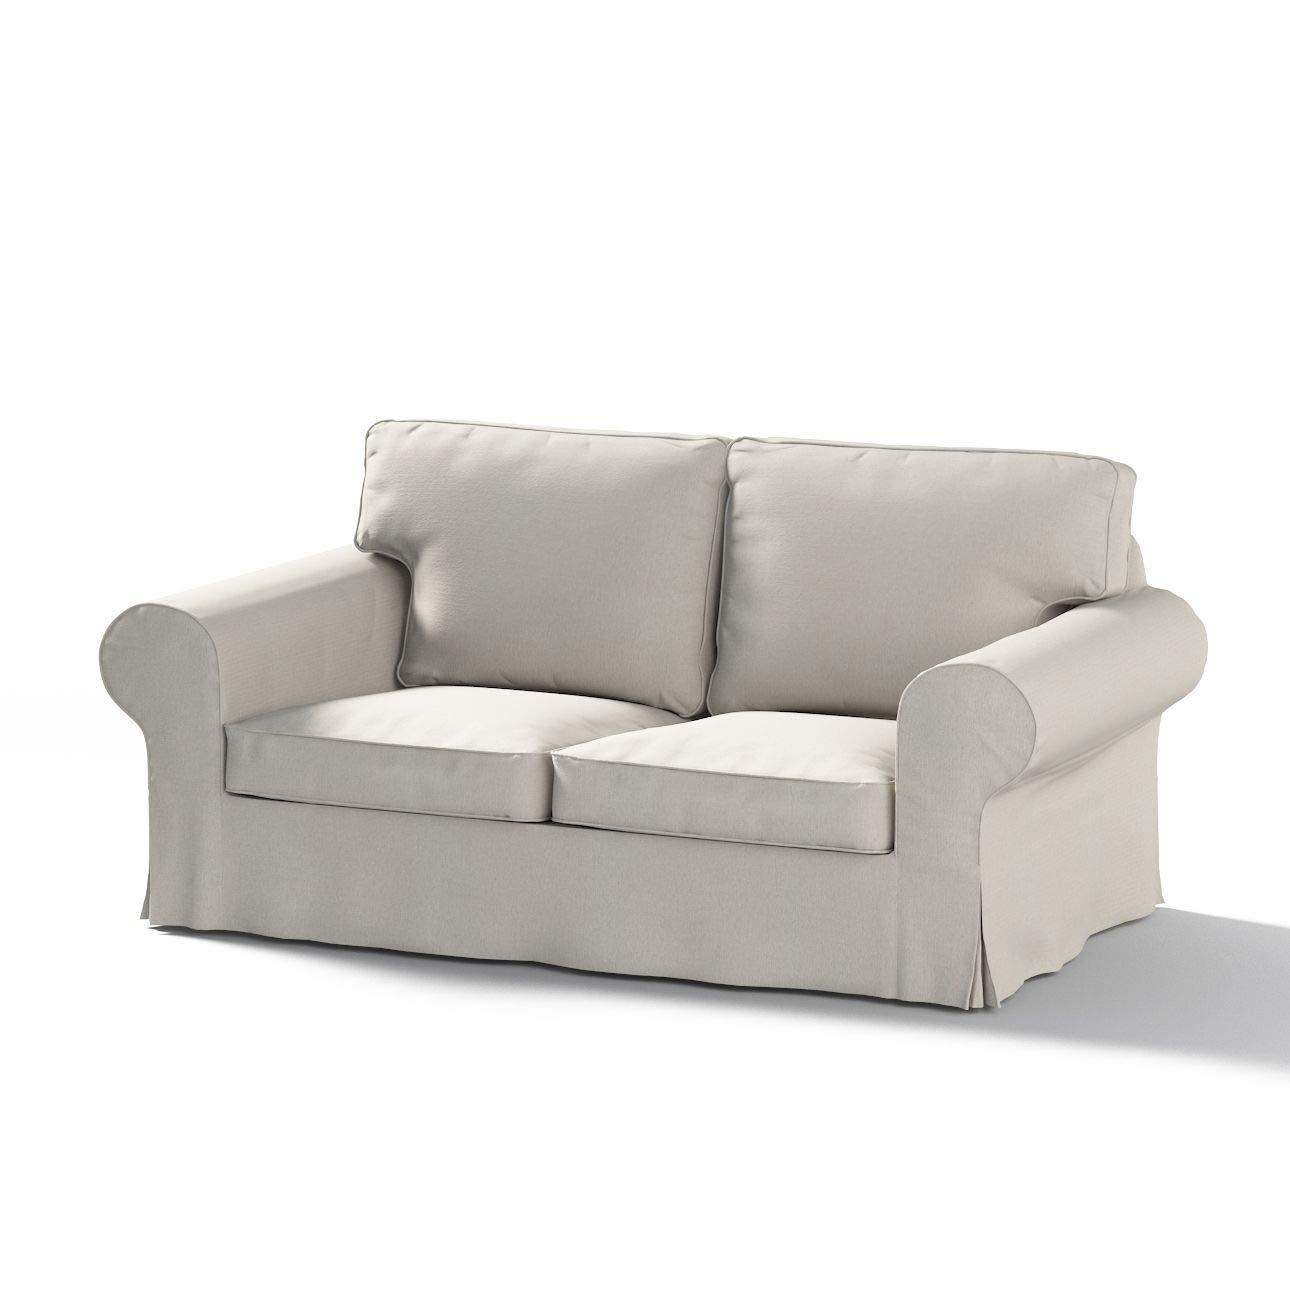 Dekoria Ektorp 2-Sitzer Schlafsofabezug ALTES Modell Sofahusse passend für IKEA Modell Ektorp Biege-grau